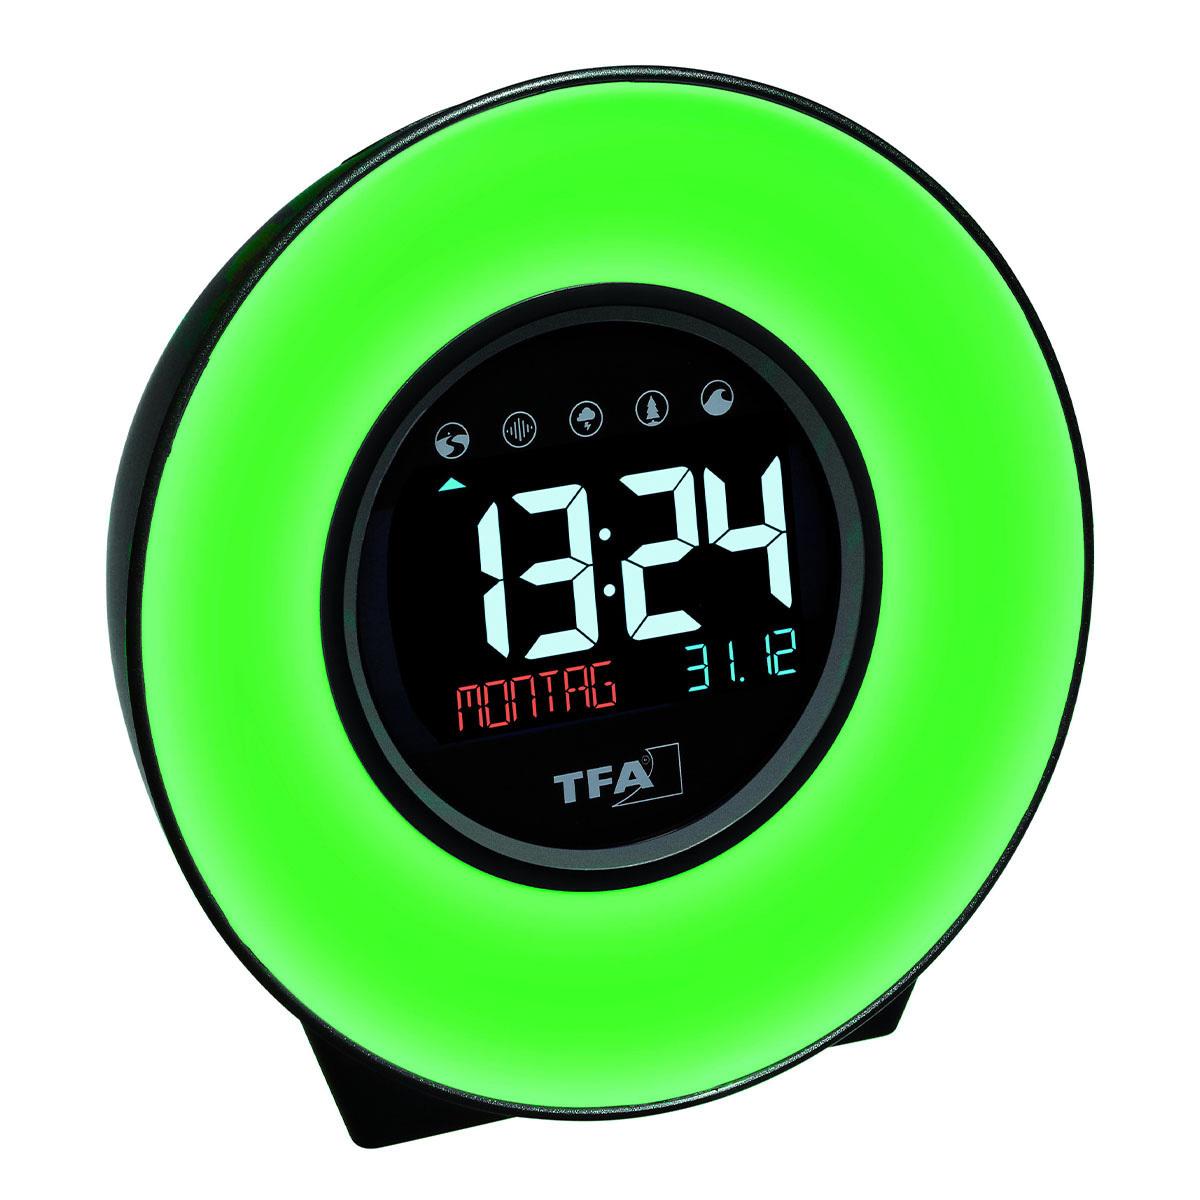 60-2023-02-lichtwecker-mit-naturgeräuschen-farbwechsel-stimmungslicht-mood-light-grün-1200x1200px.jpg